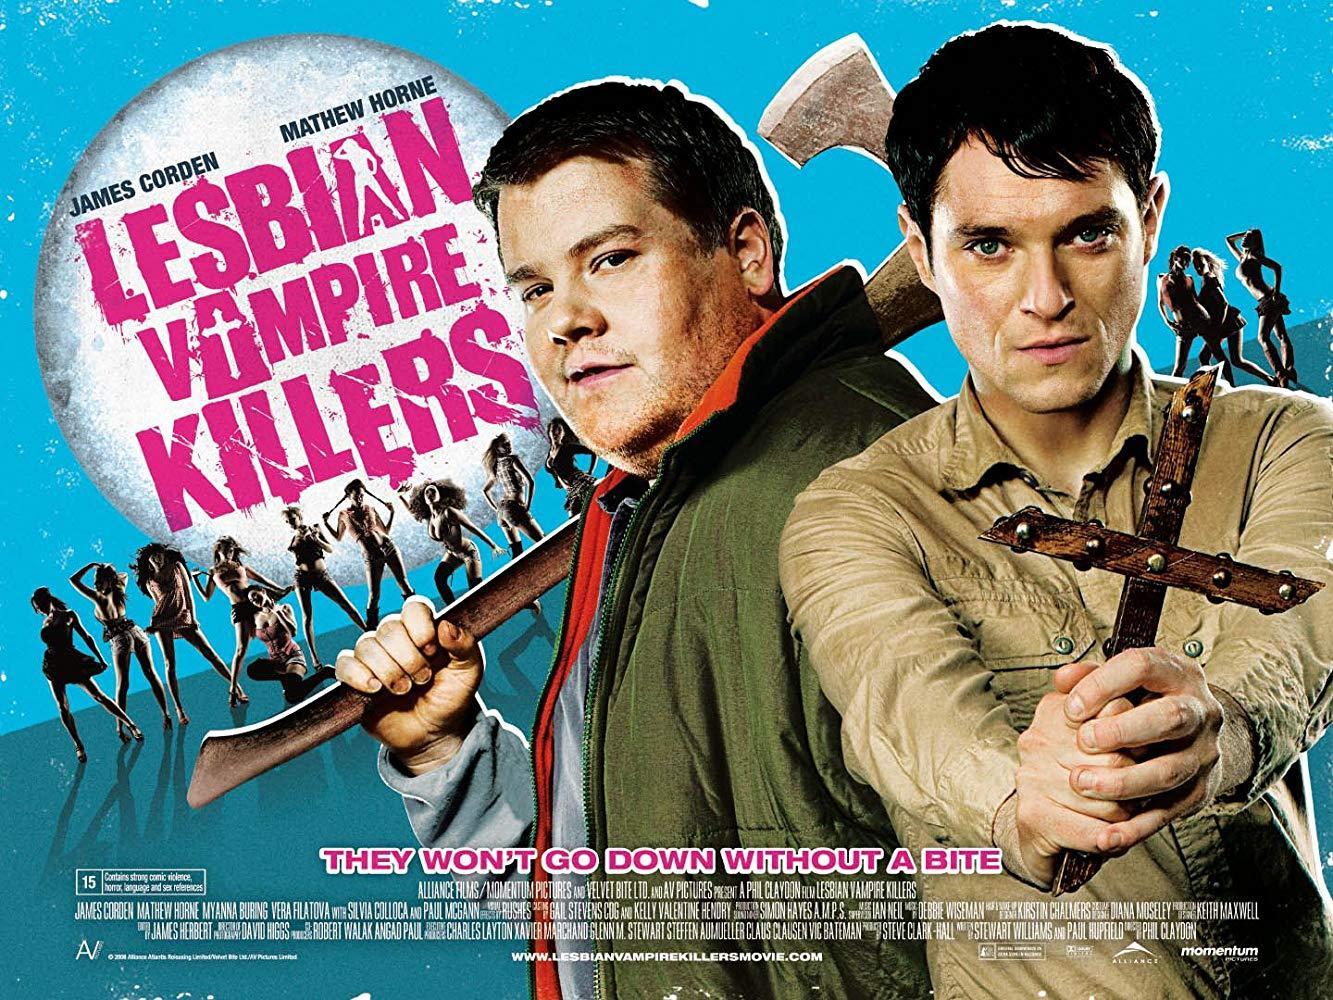 مشاهدة فيلم Lesbian Vampire Killers 2009 HD مترجم كامل اون لاين (للكبار فقط)